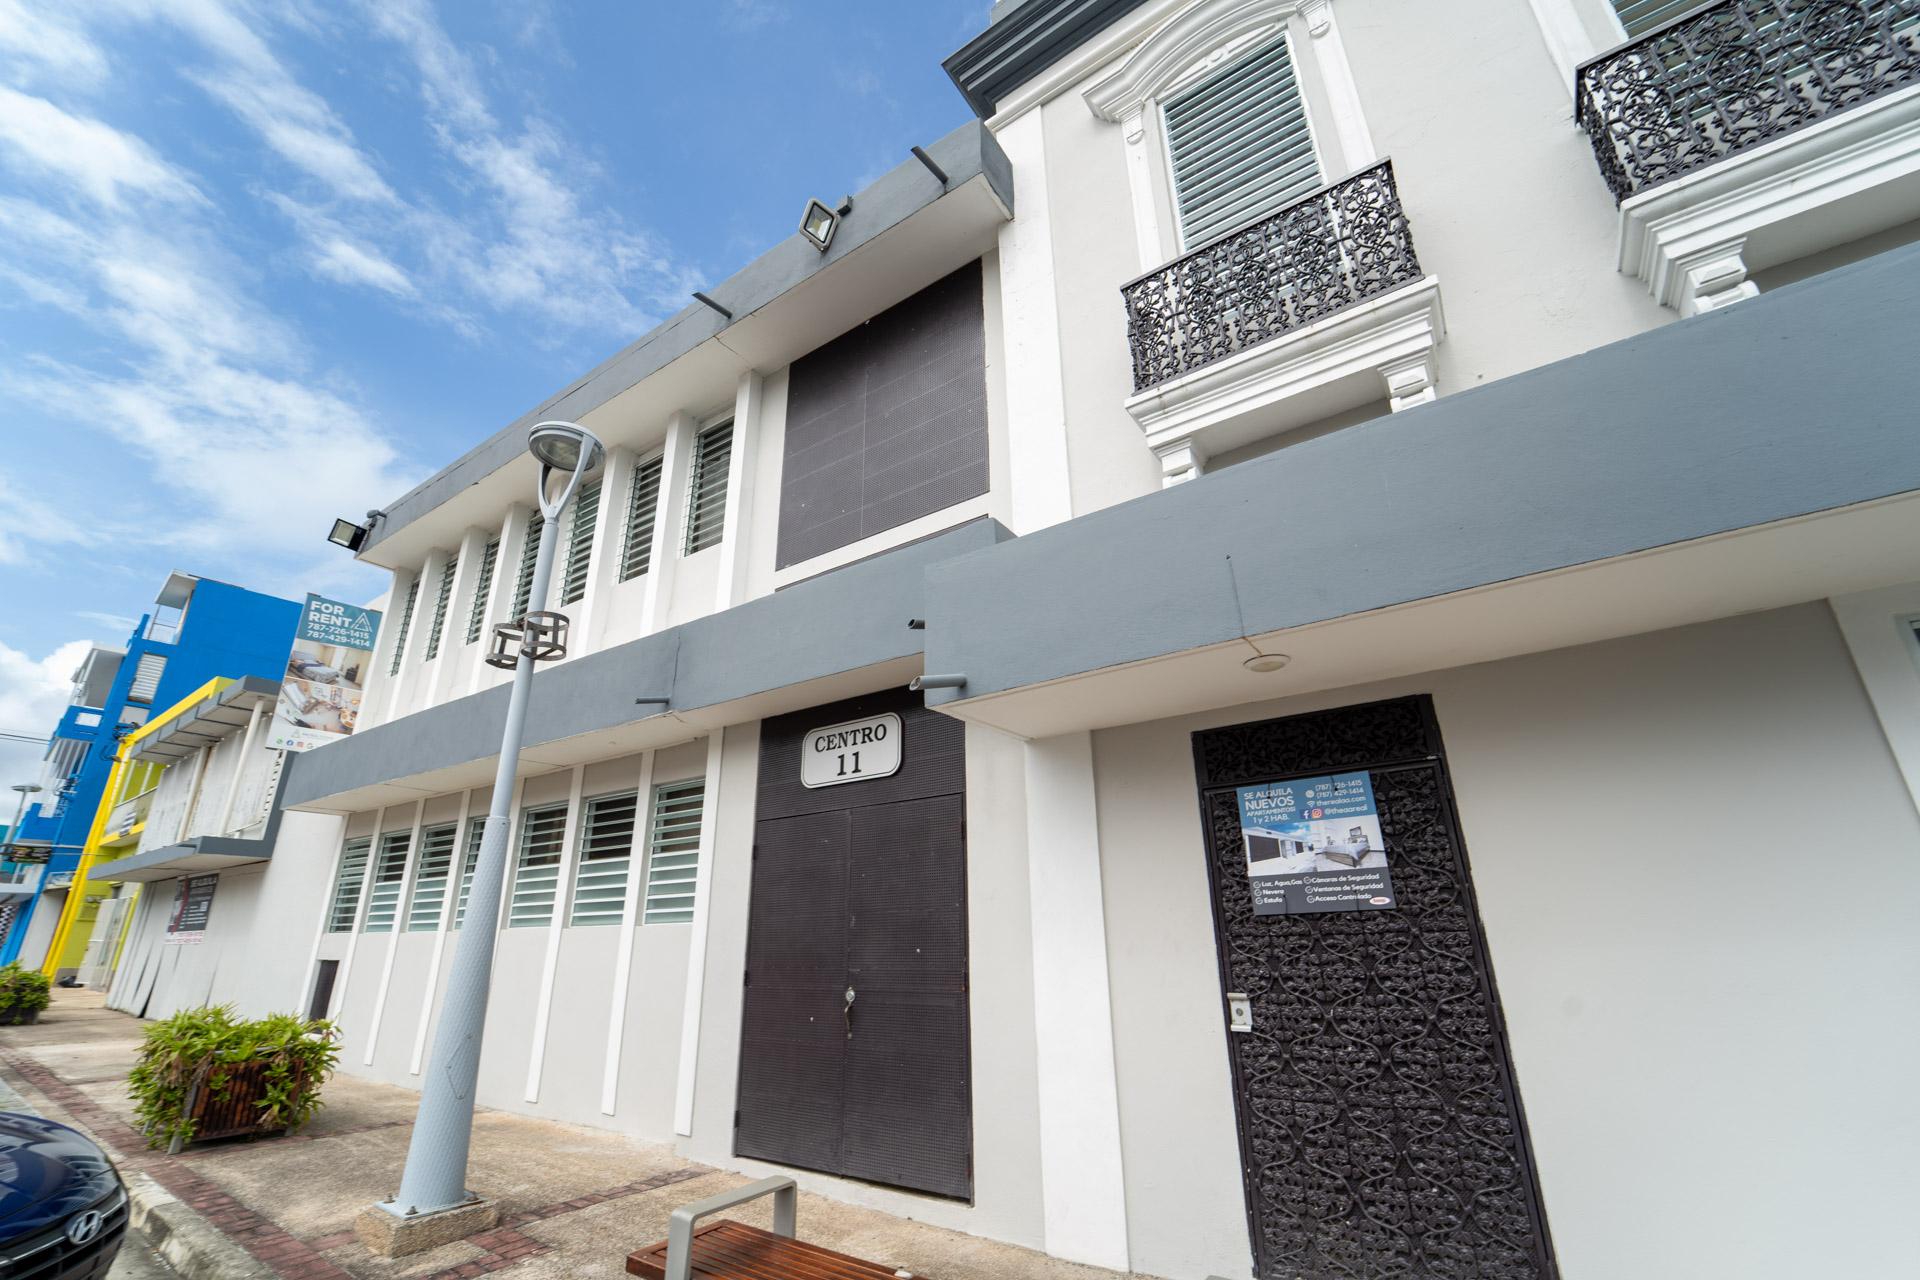 CENTRO 11 Luxury Apartments- 2 Bedrooms